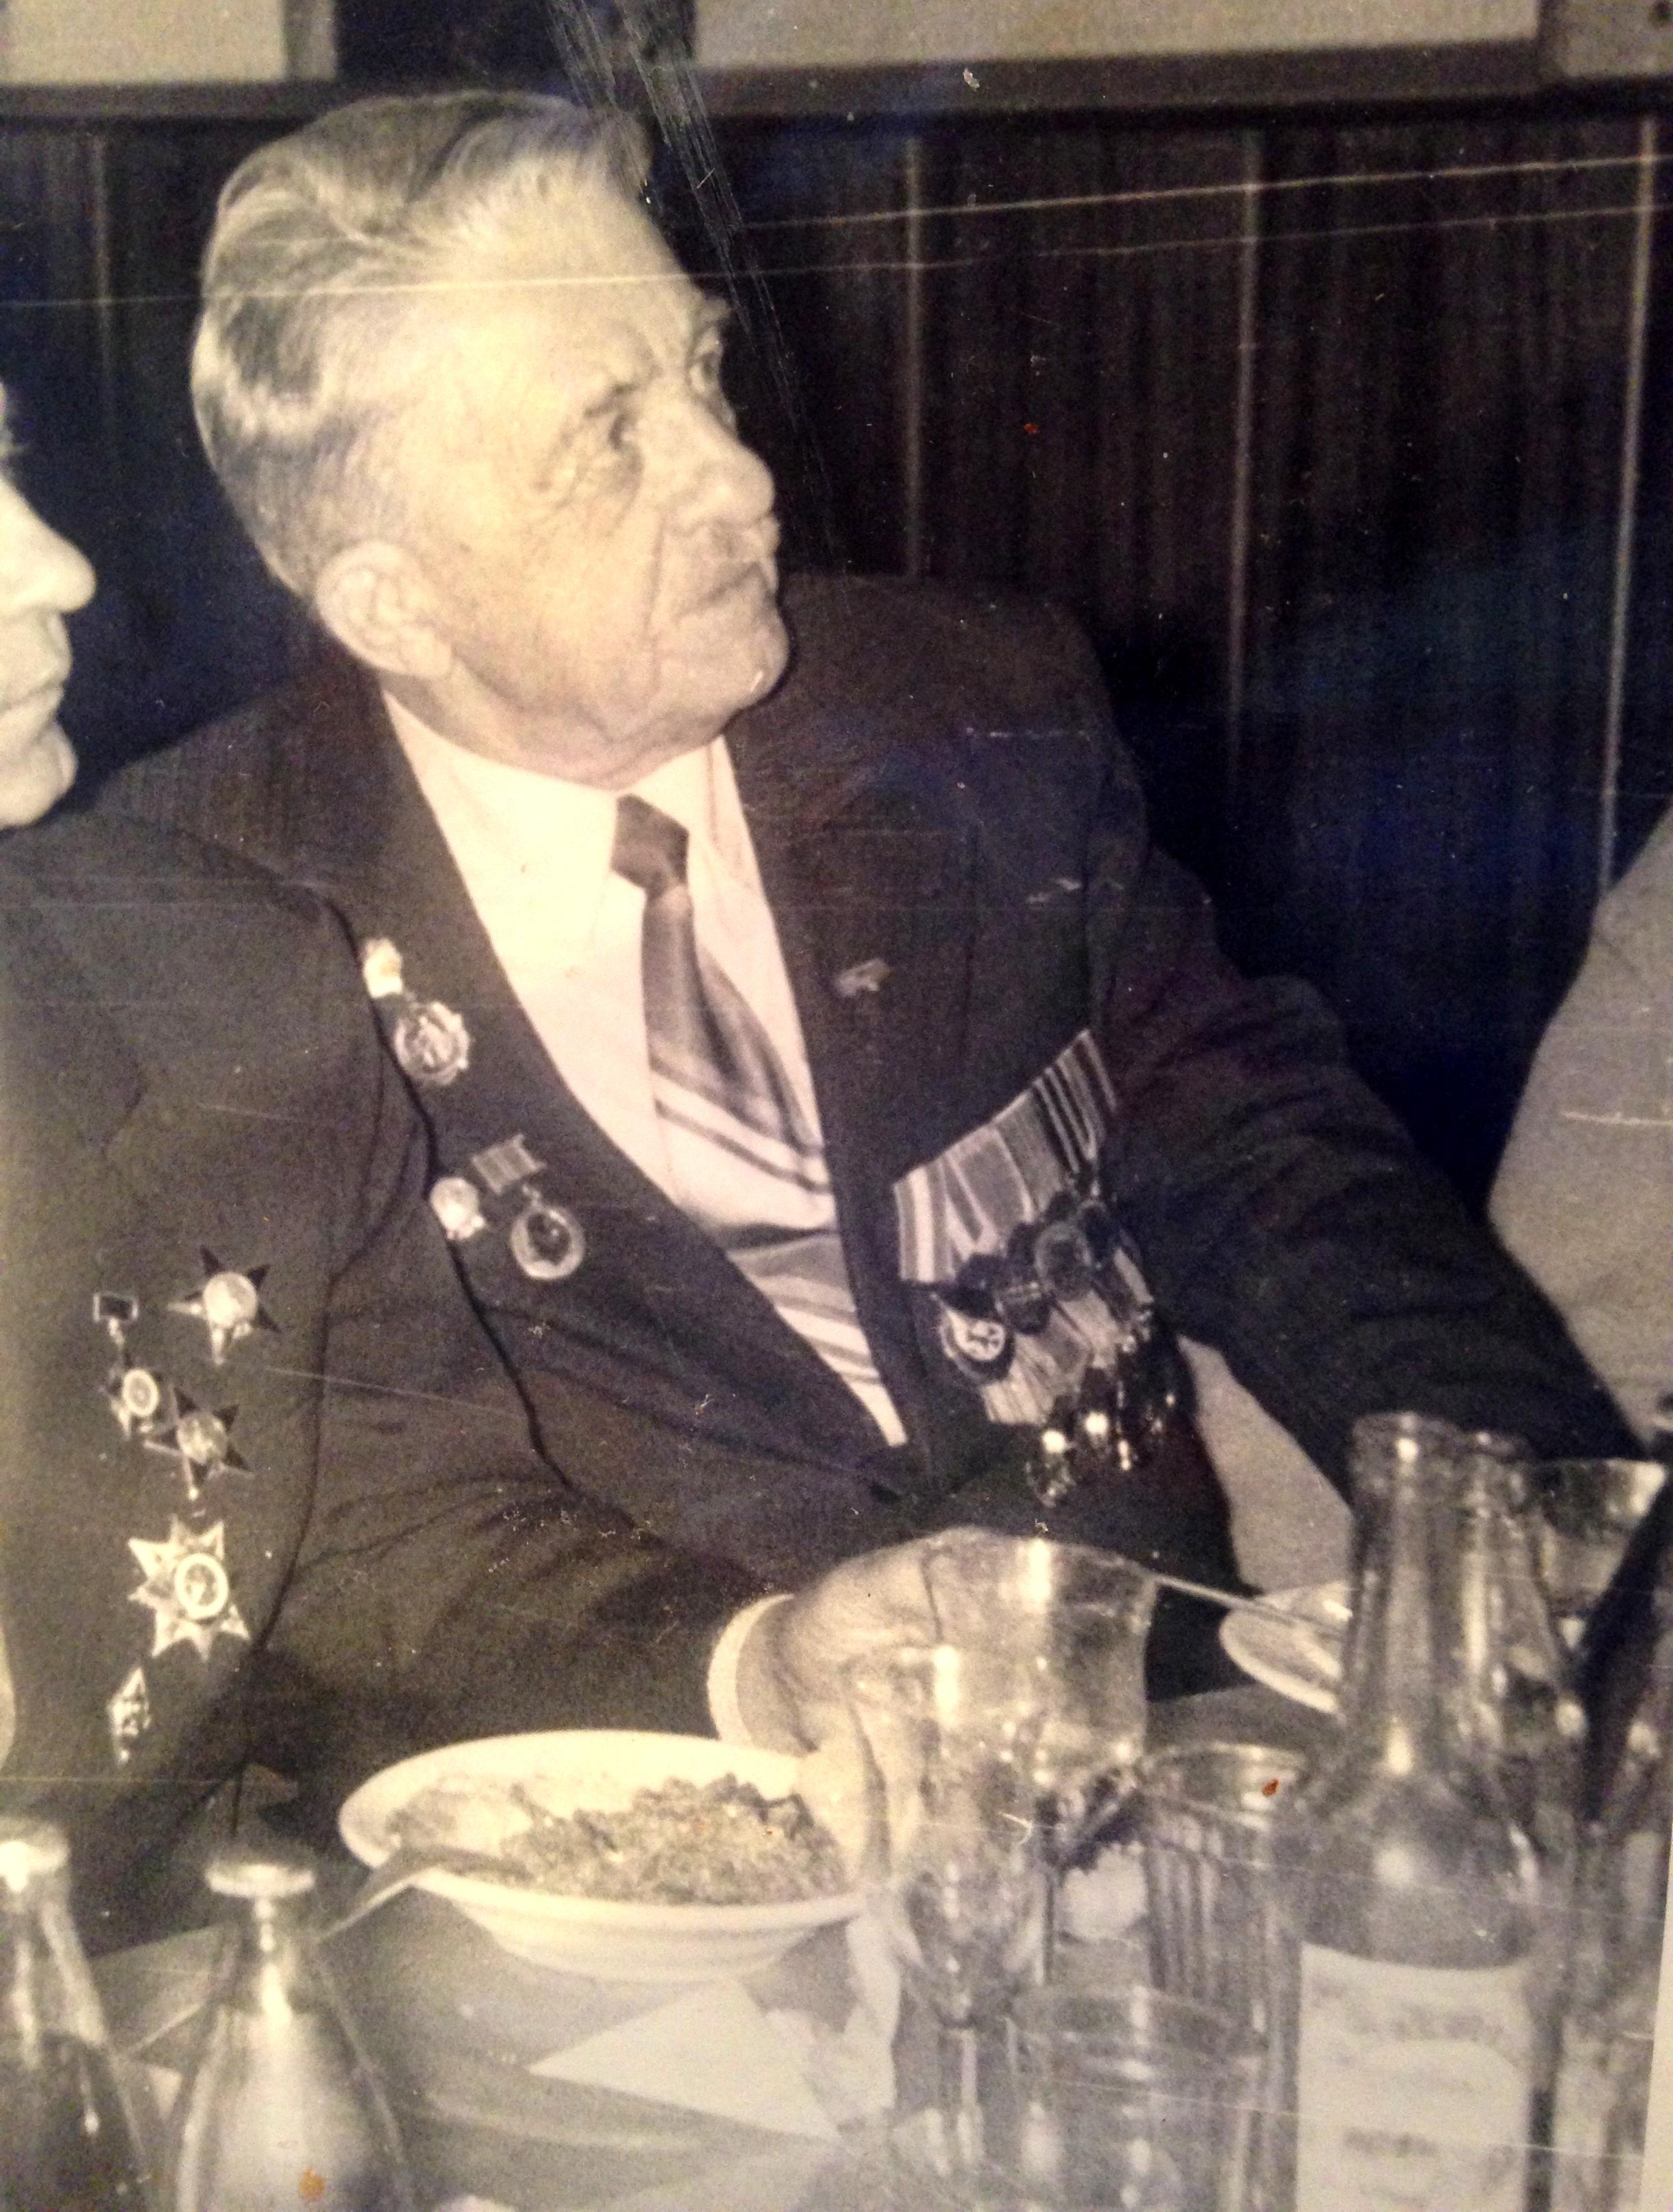 Юрий Александрович Кадников, прошел всю войну инженером войск связи, дослужился до полковника. Фото из семейного архива правнучки Е.Ю.Черкасовой.